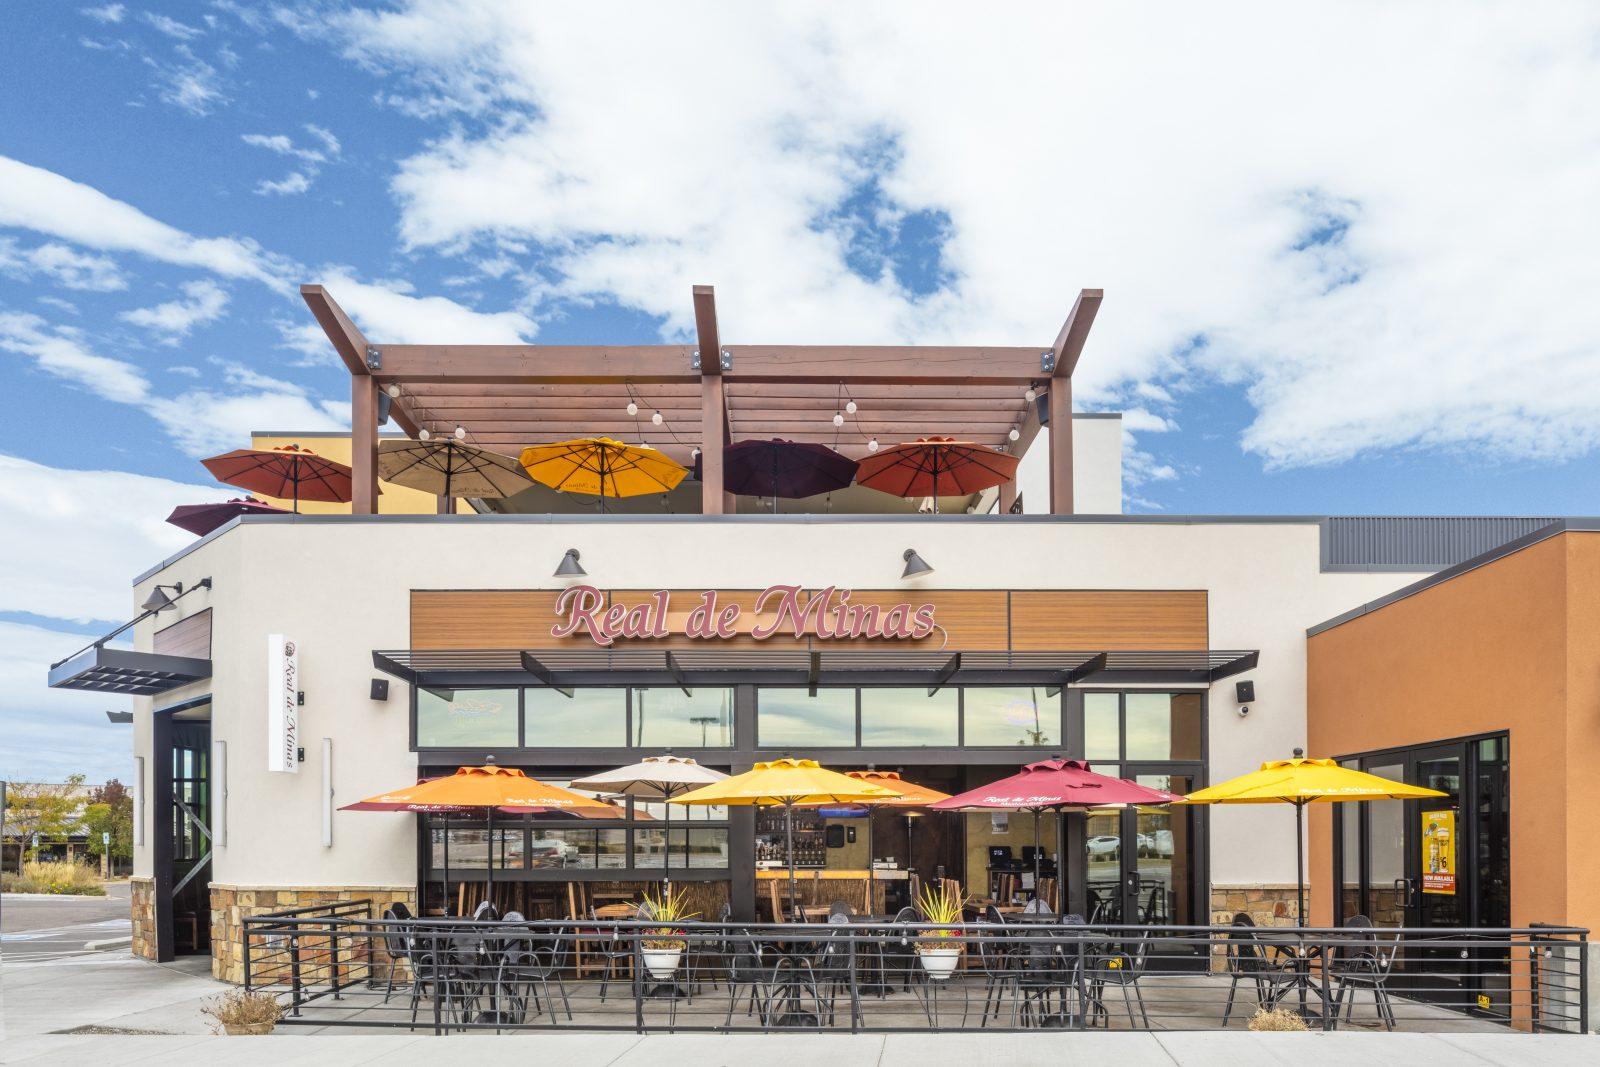 Real de Minas Restaurant in Aurora, Colorado